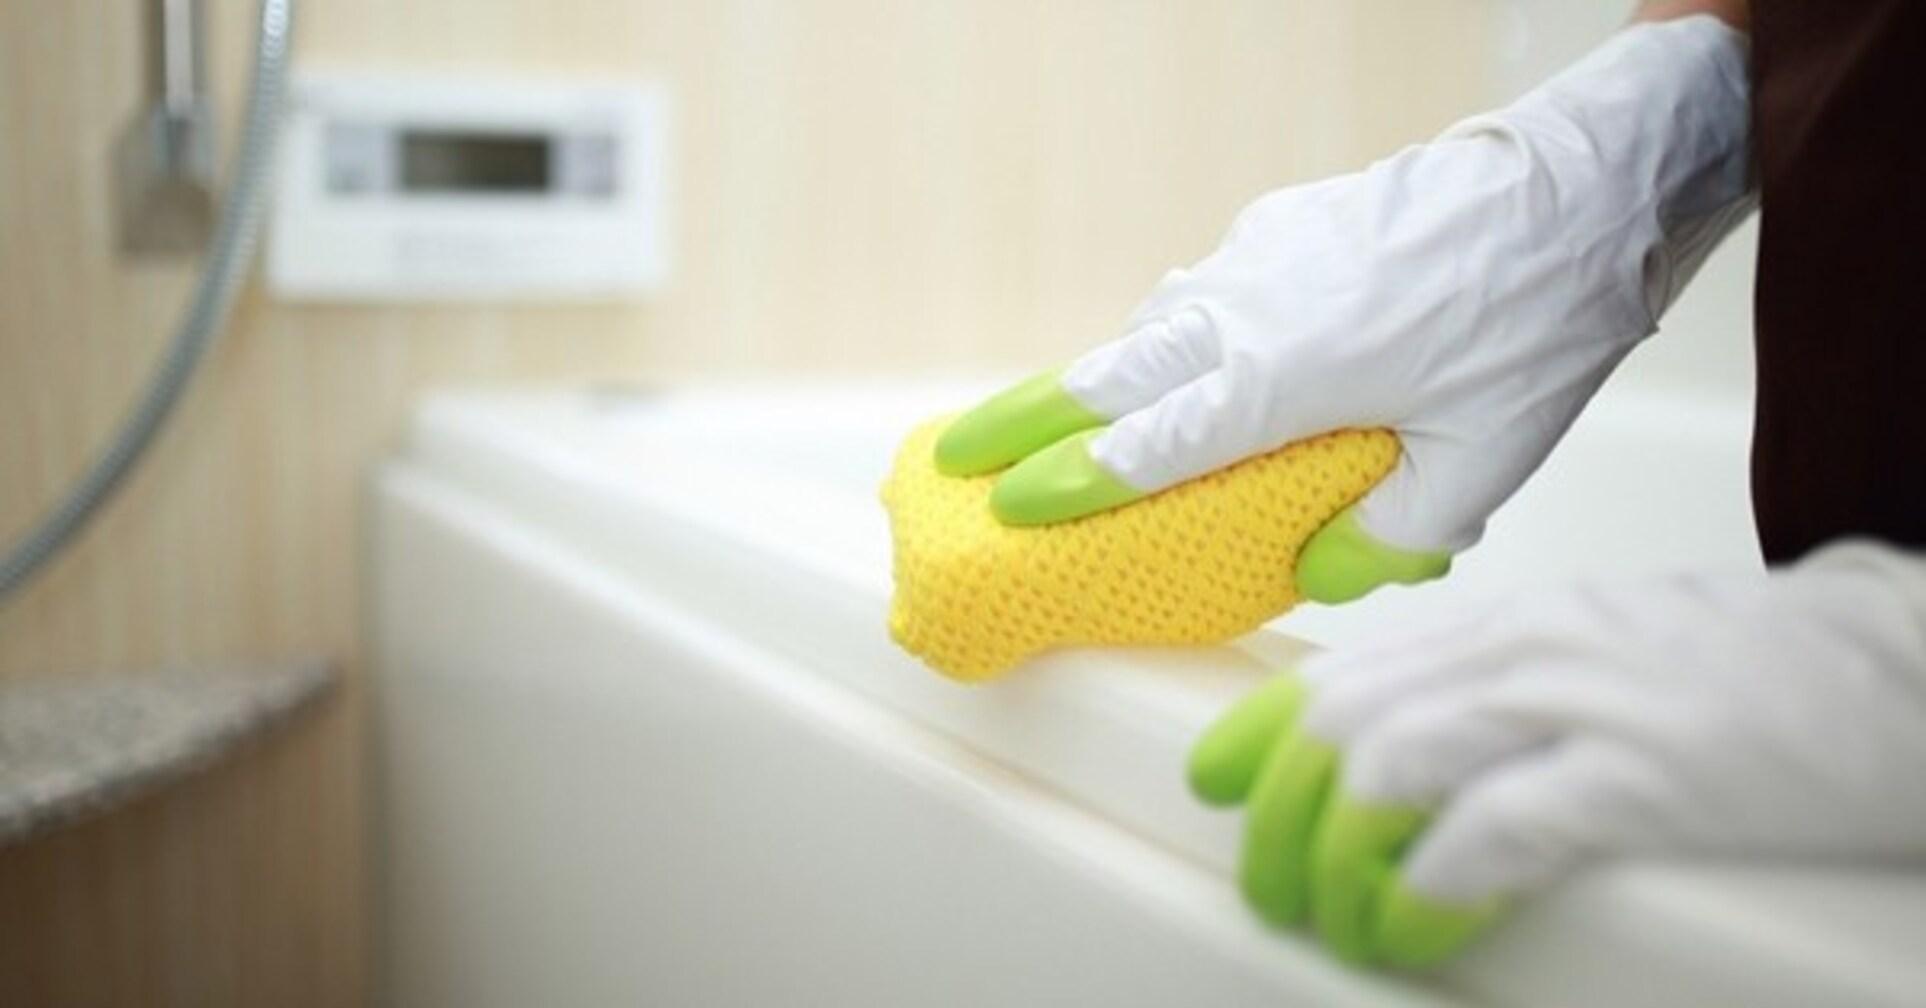 大掃除も時短でお手軽に! 身近なモノを使ったお掃除の裏技